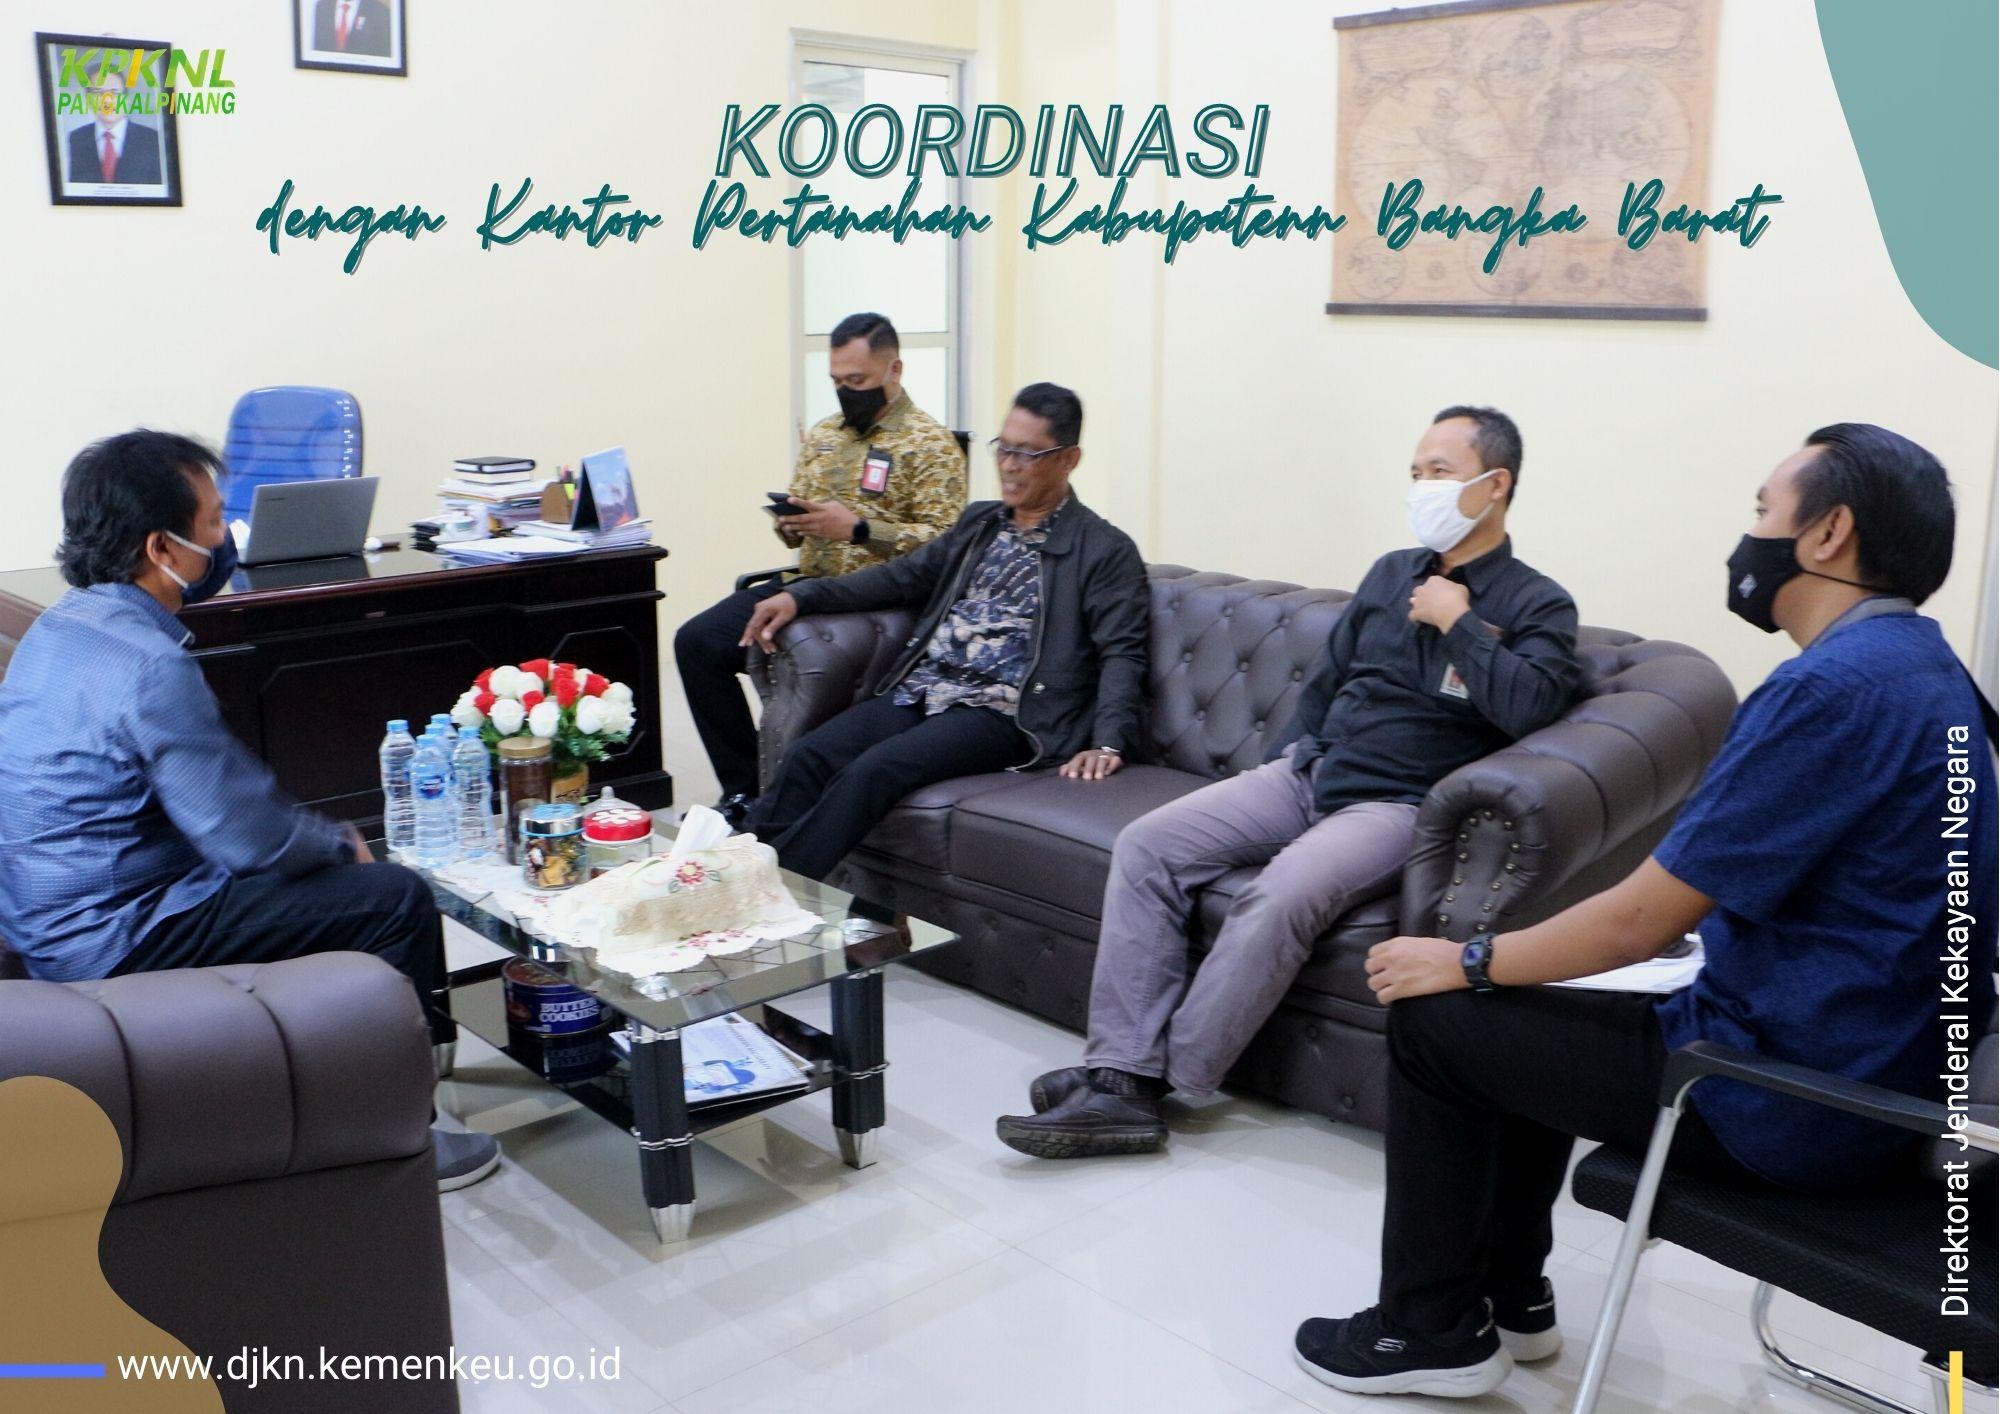 Pastikan Pencapaian Target ke Depannya, KPKNL Pangkalpinang Lakukan Koordinasi dengan Kantor Pertanahan Kabupaten Bangka Barat